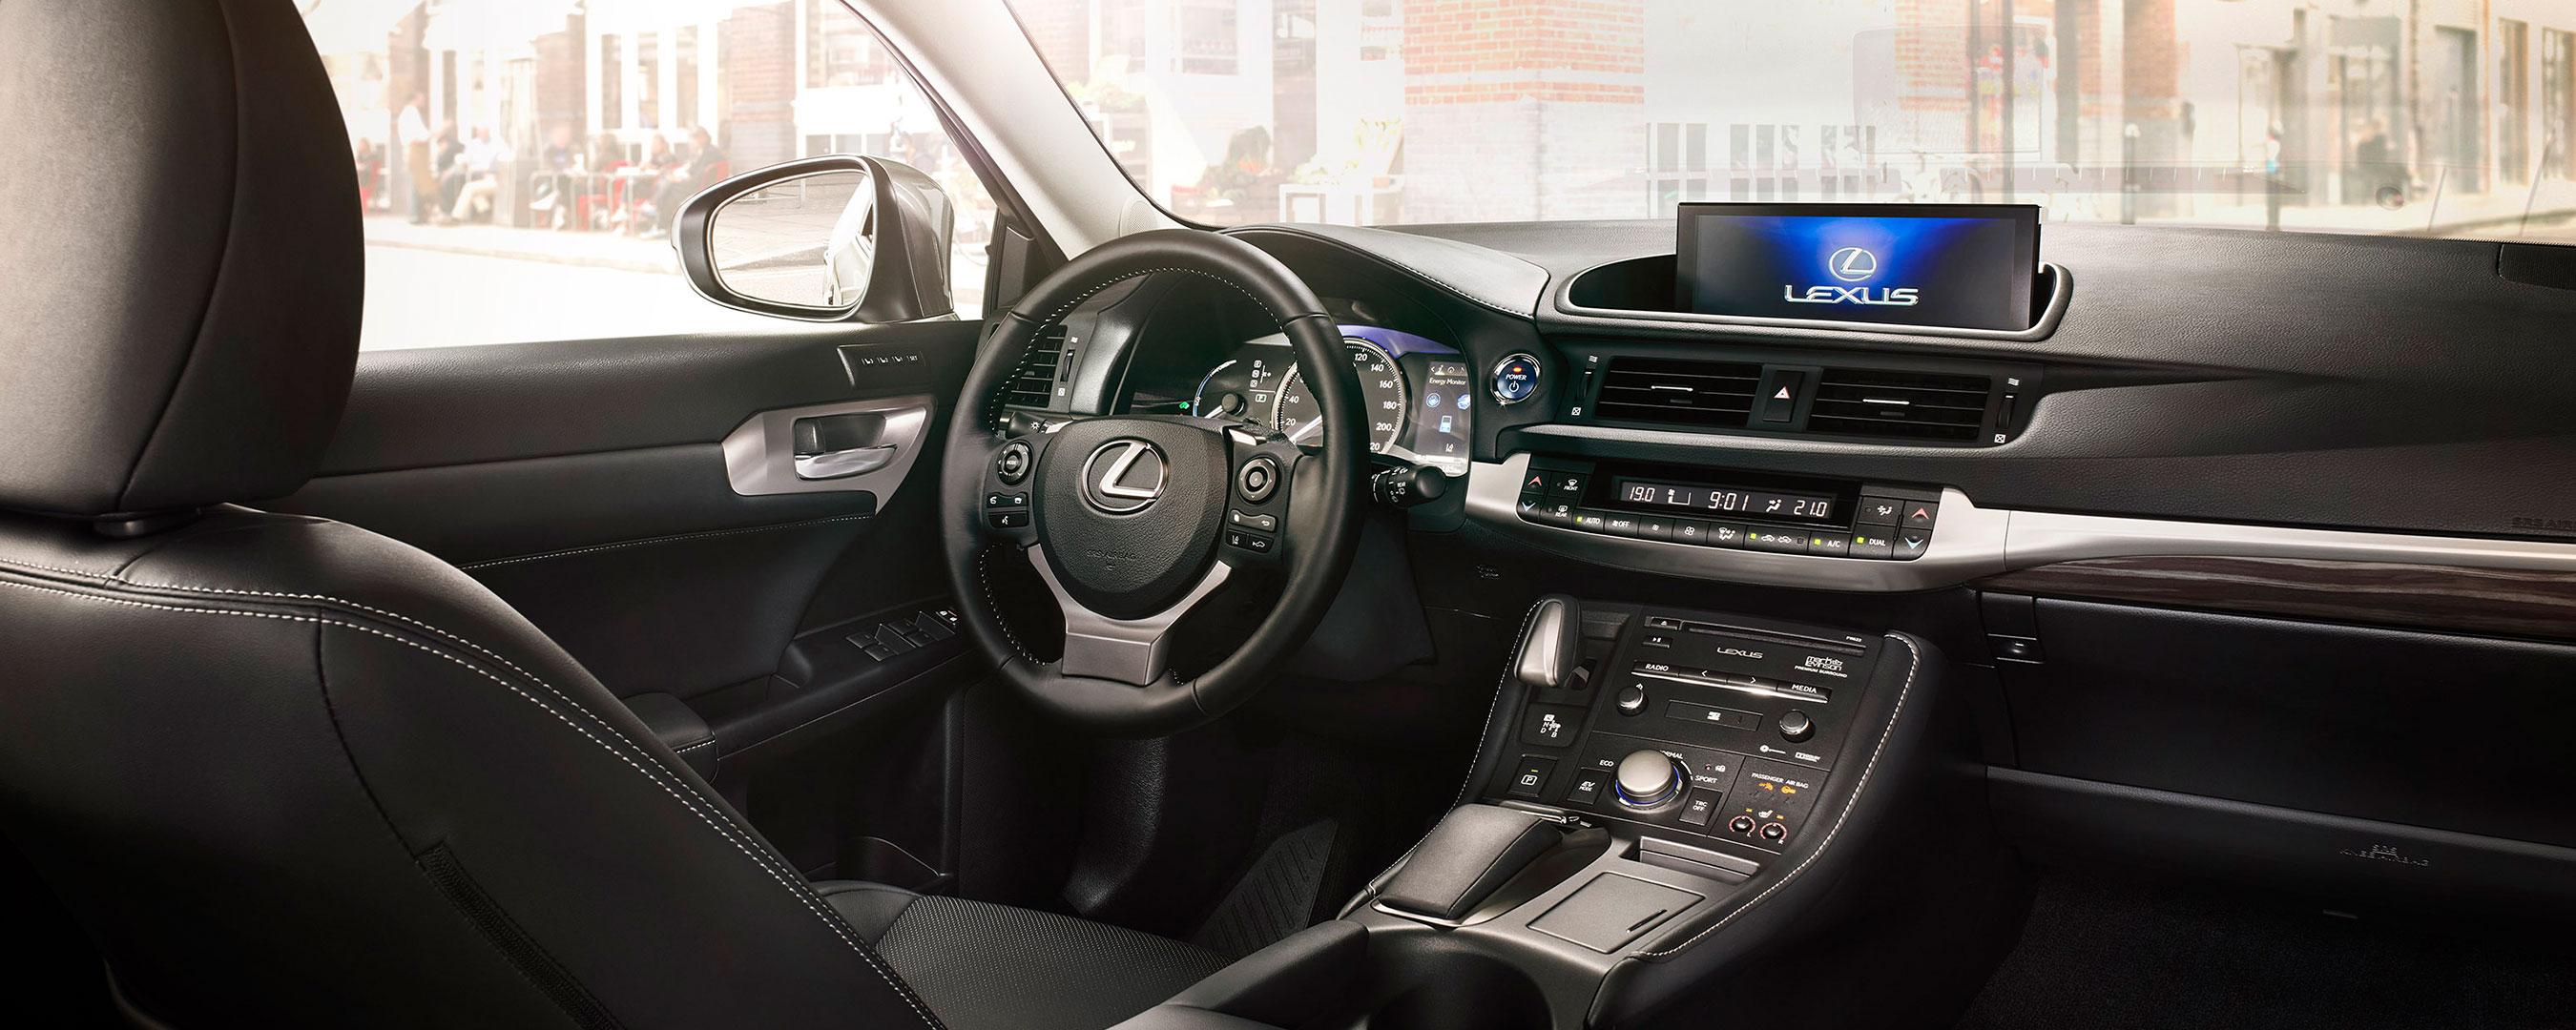 Lexus CT Luxury Hybrid pact Car